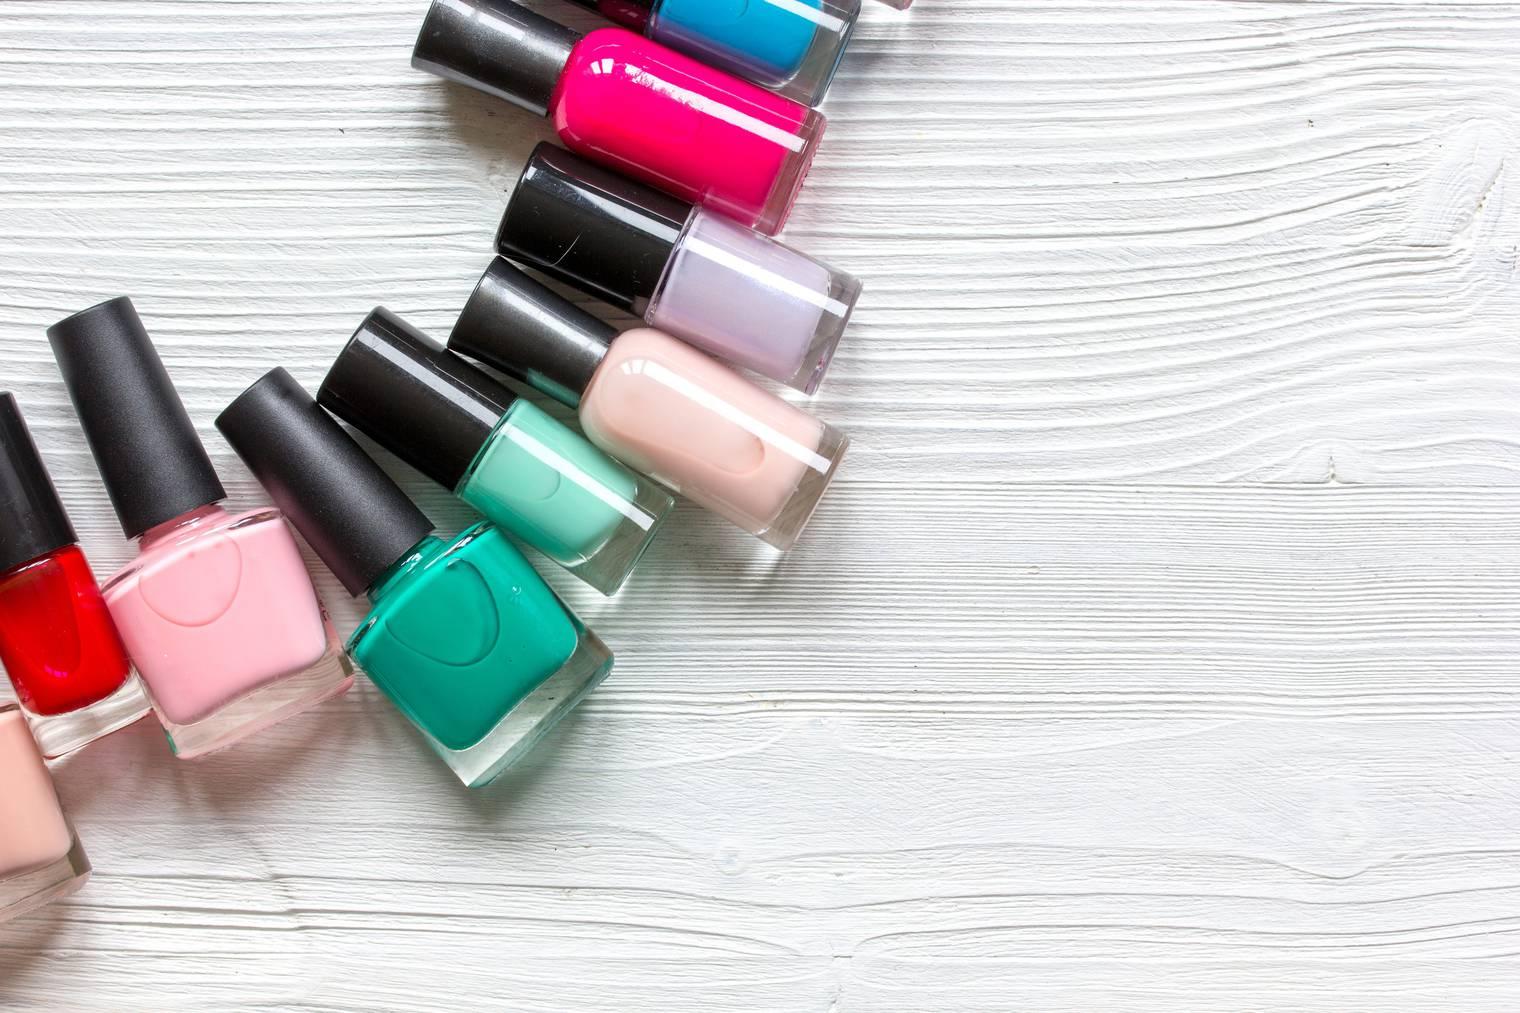 Jeden Tag eine neue Farbe im Advent (Bild: iStock)